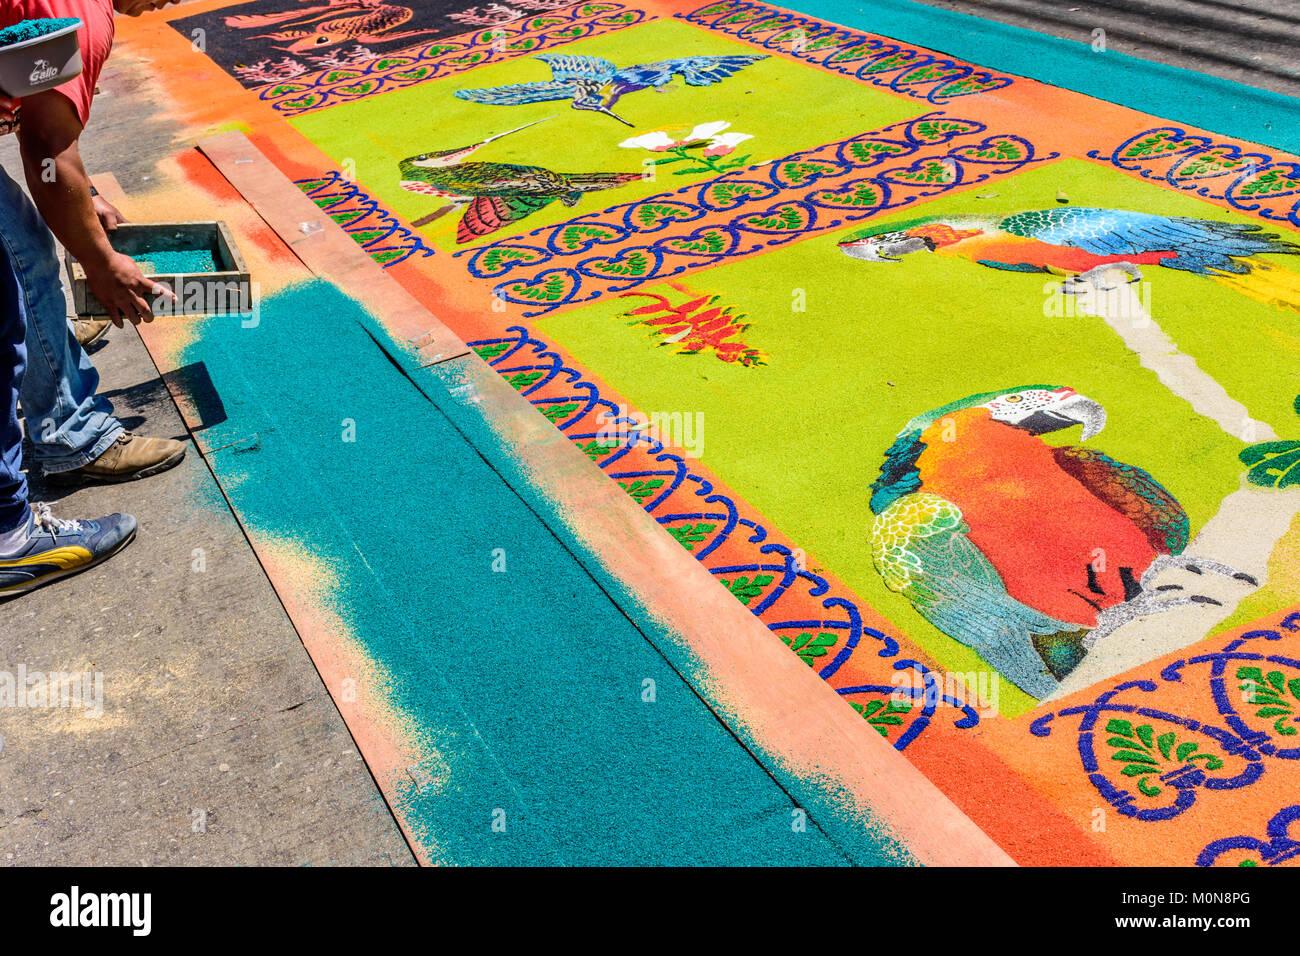 Antigua, Guatemala - 13. April 2017: Dekorieren gefärbte Sägespäne Gründonnerstag Prozession Teppich in der Stadt Stockfoto